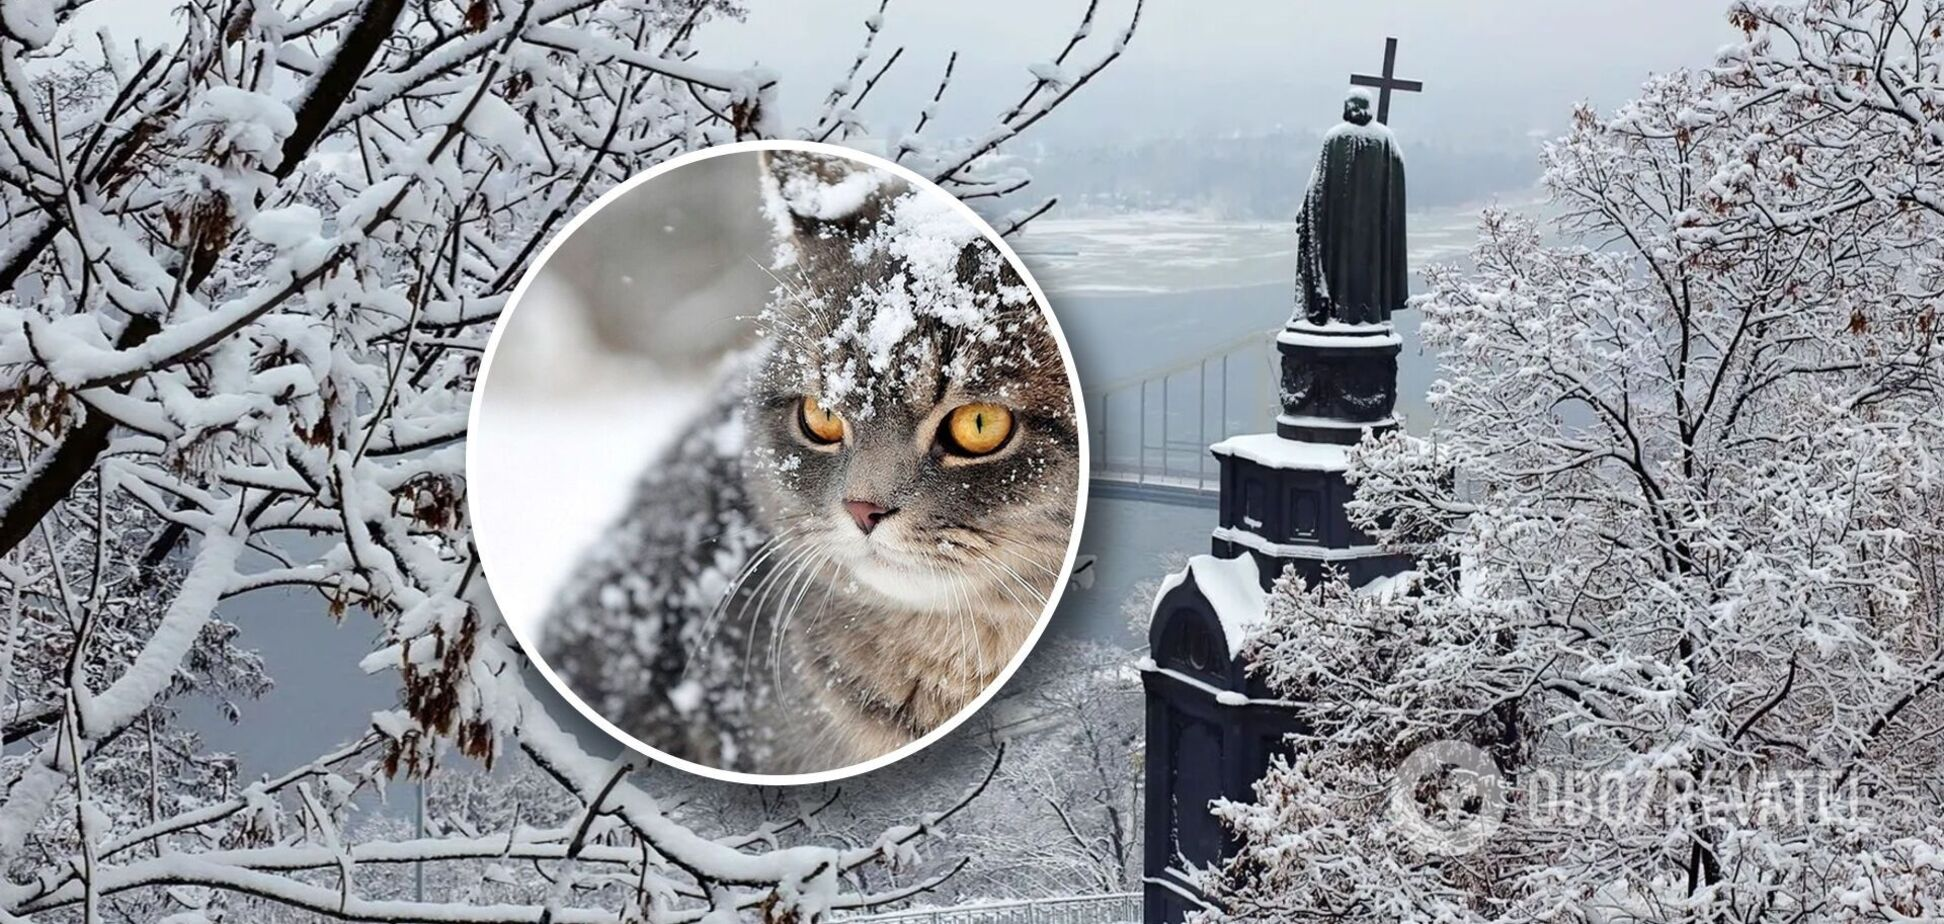 Якою буде погода в Україні на Миколая, Різдво та Новий рік: синоптики дали прогноз на зиму